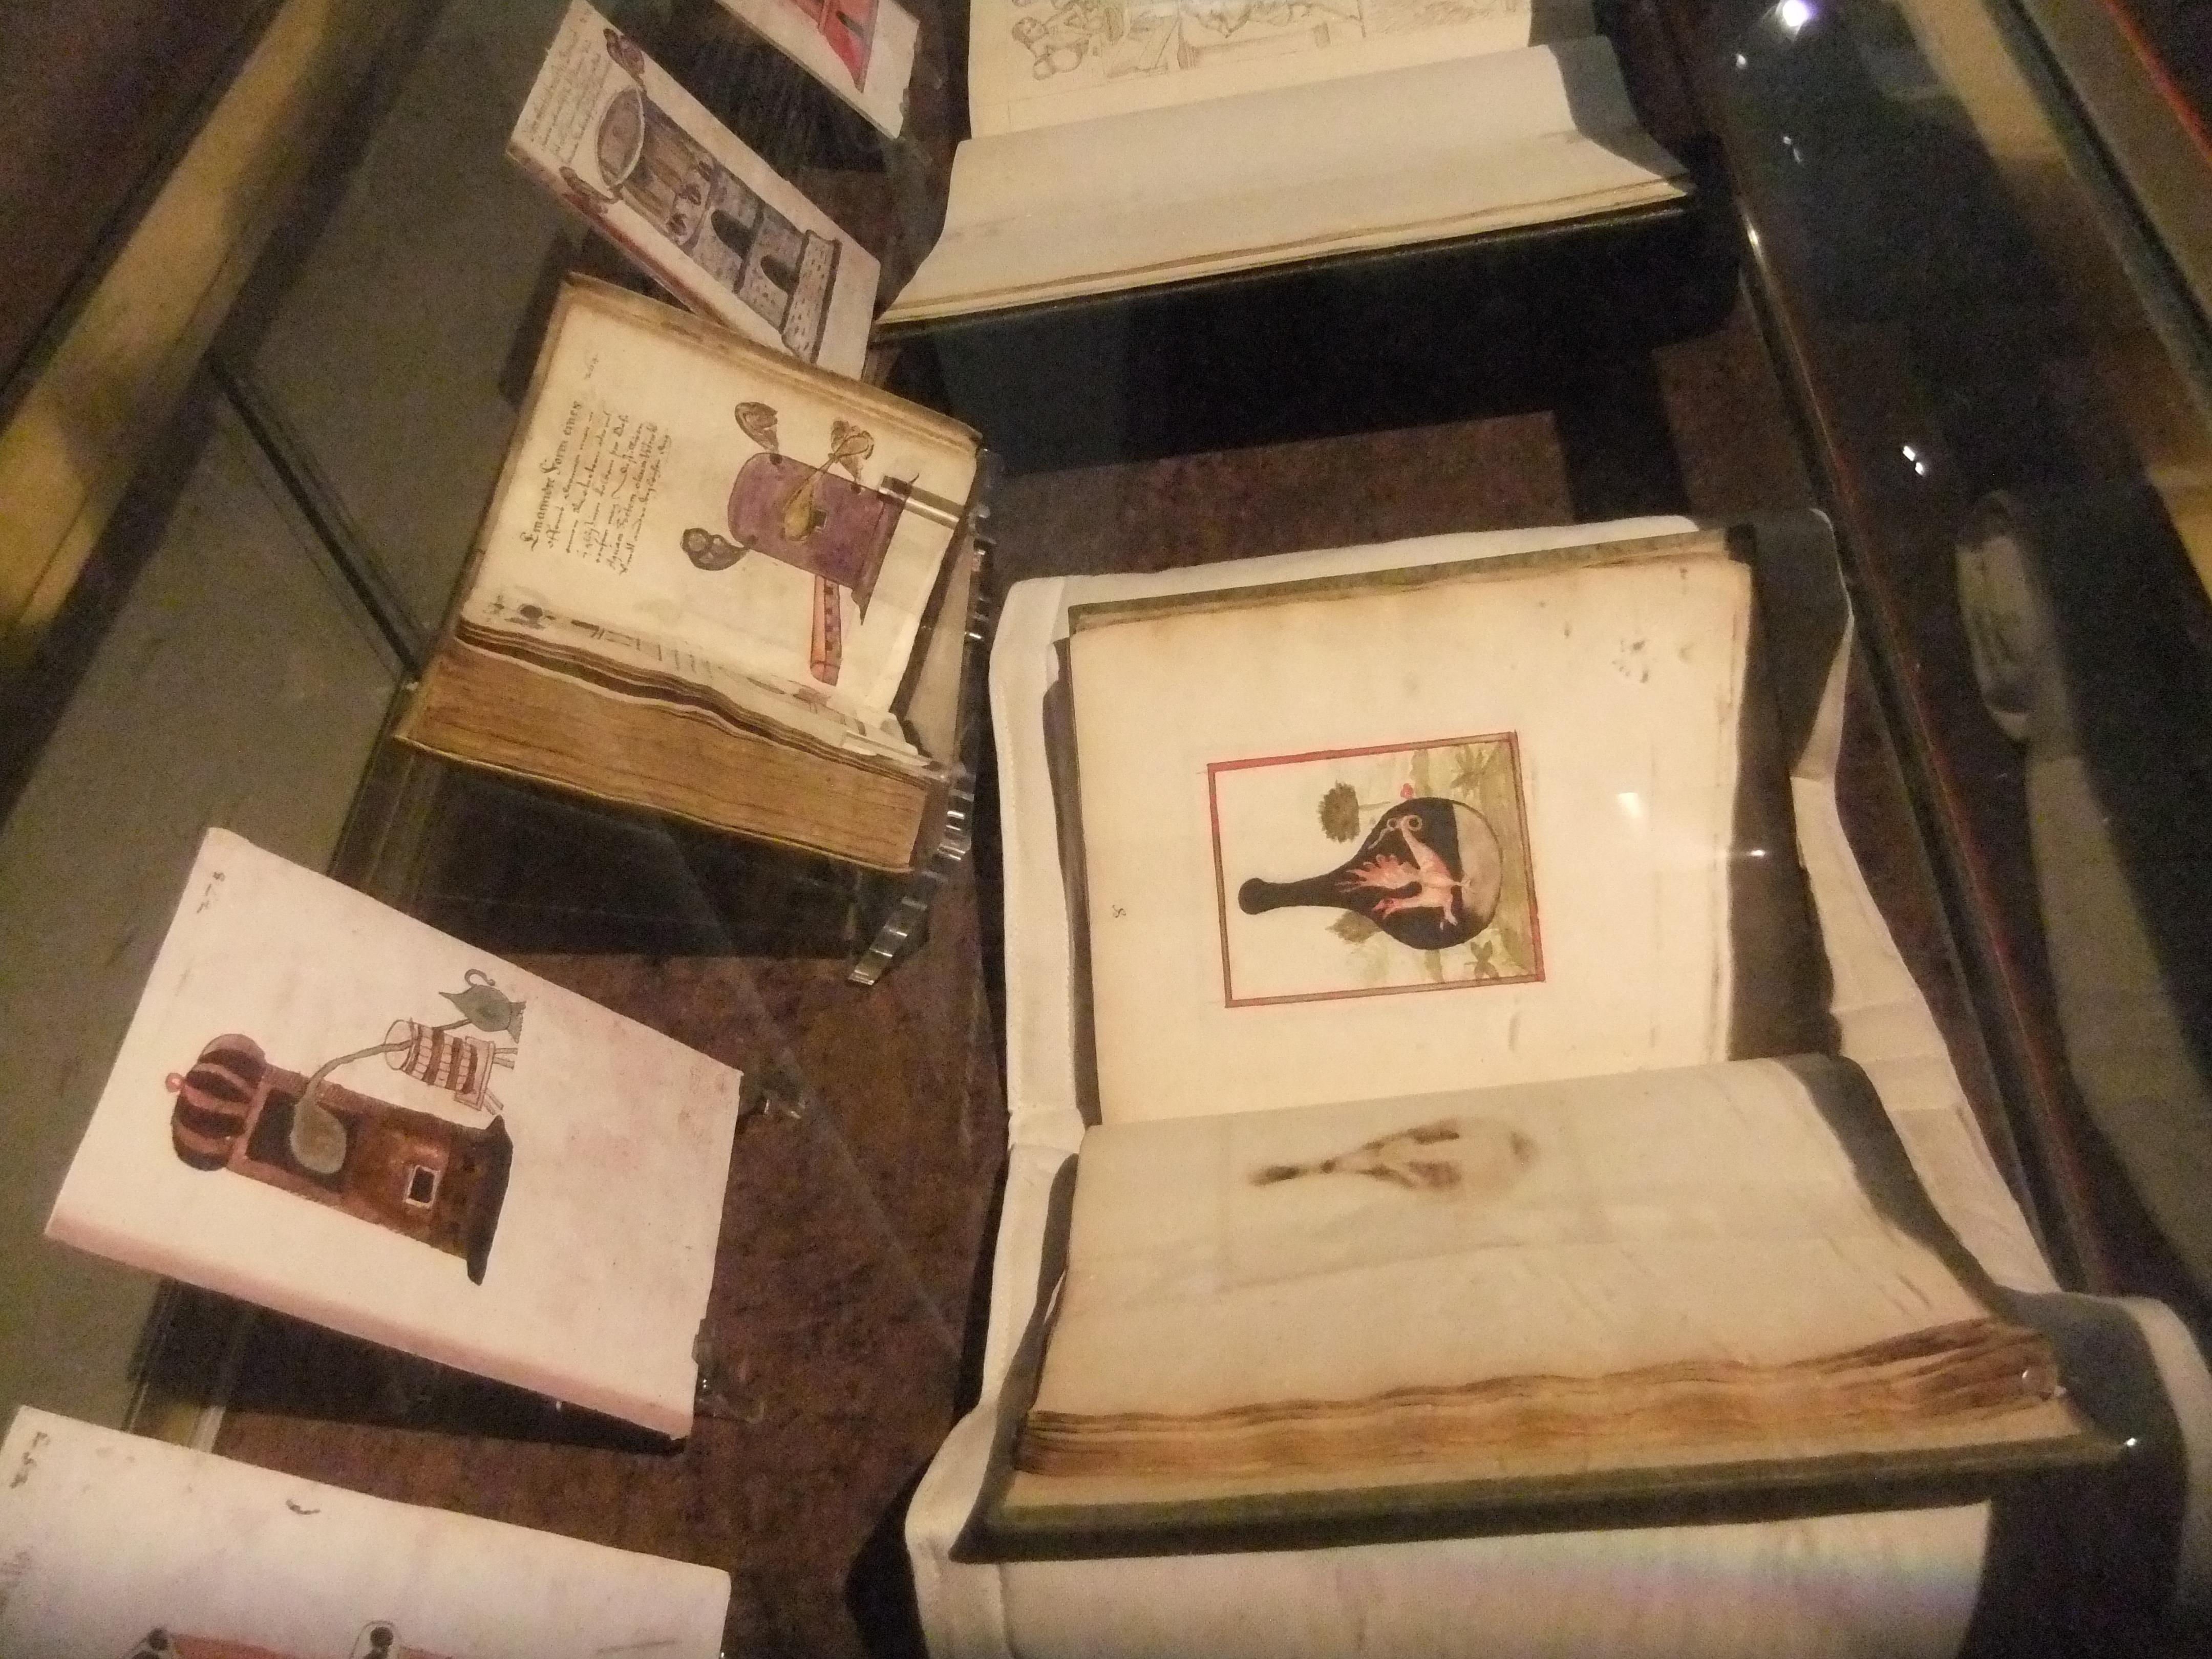 Le précieux don de Dieu (XVIIe), Recueil de diverses recettes de médecine et de chimie (XVIIe), etc.